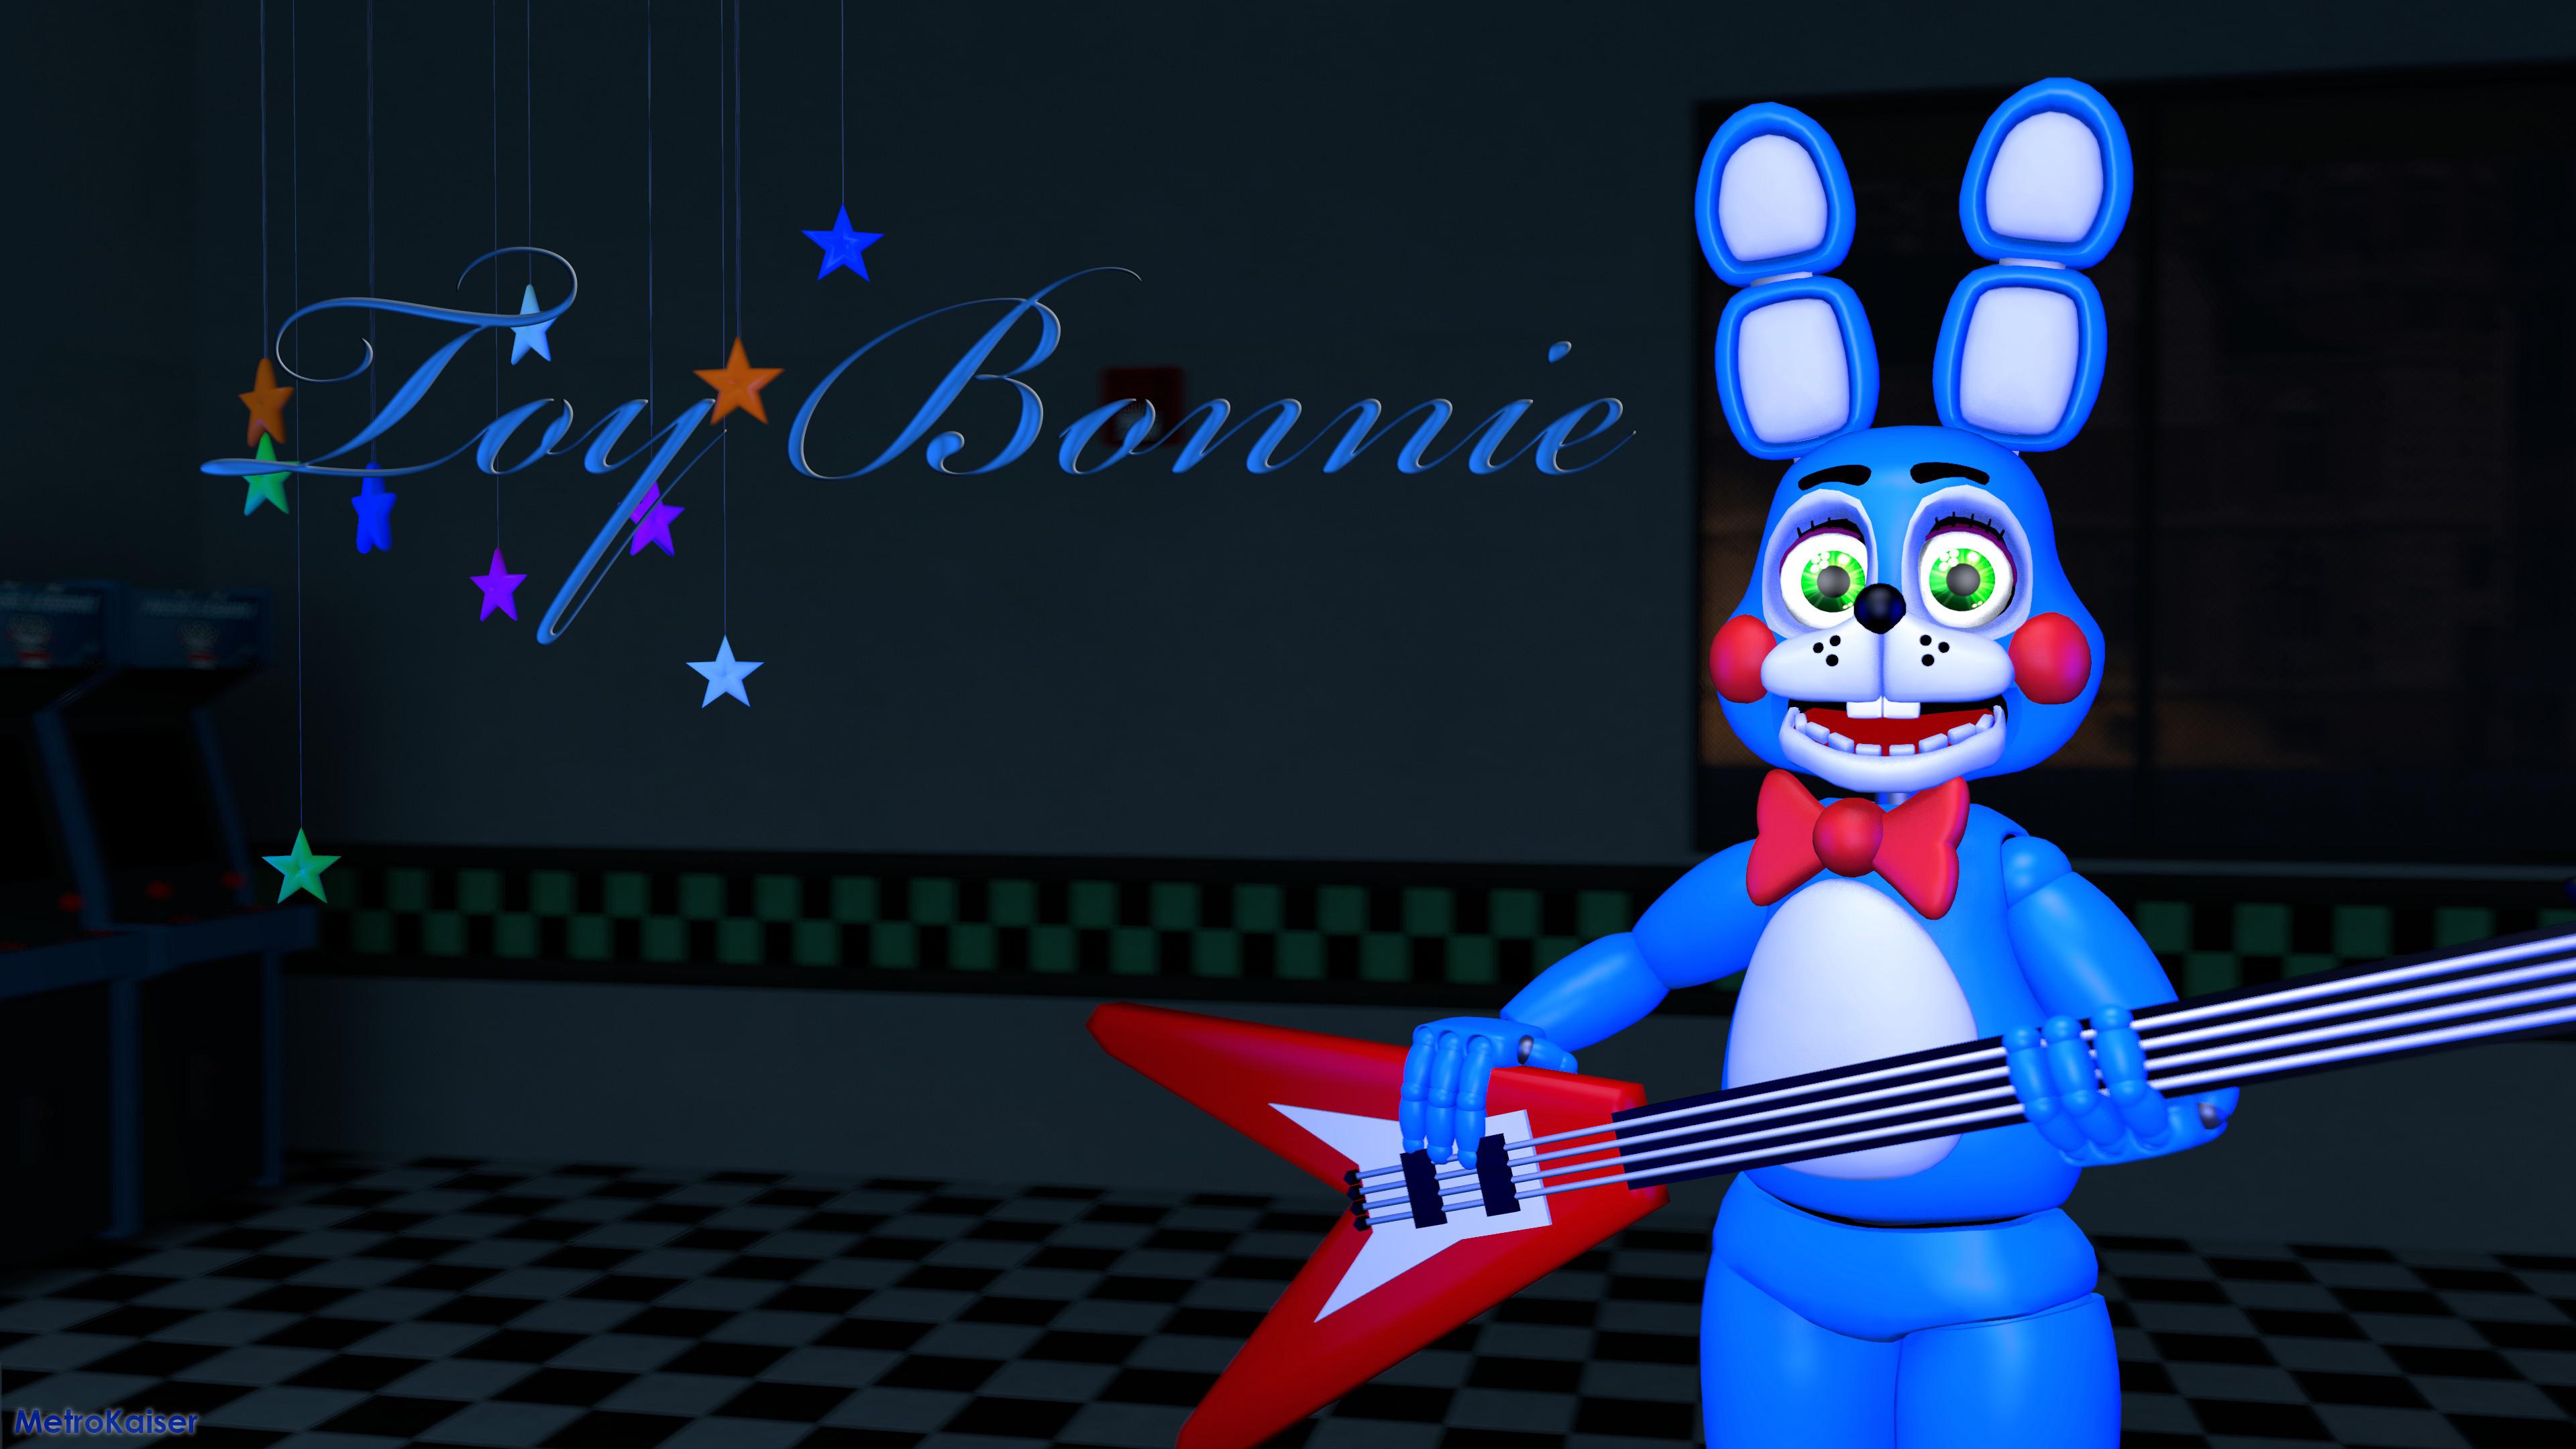 … FNAF] Toy Bonnie wallpaper (4K) by wstmetro